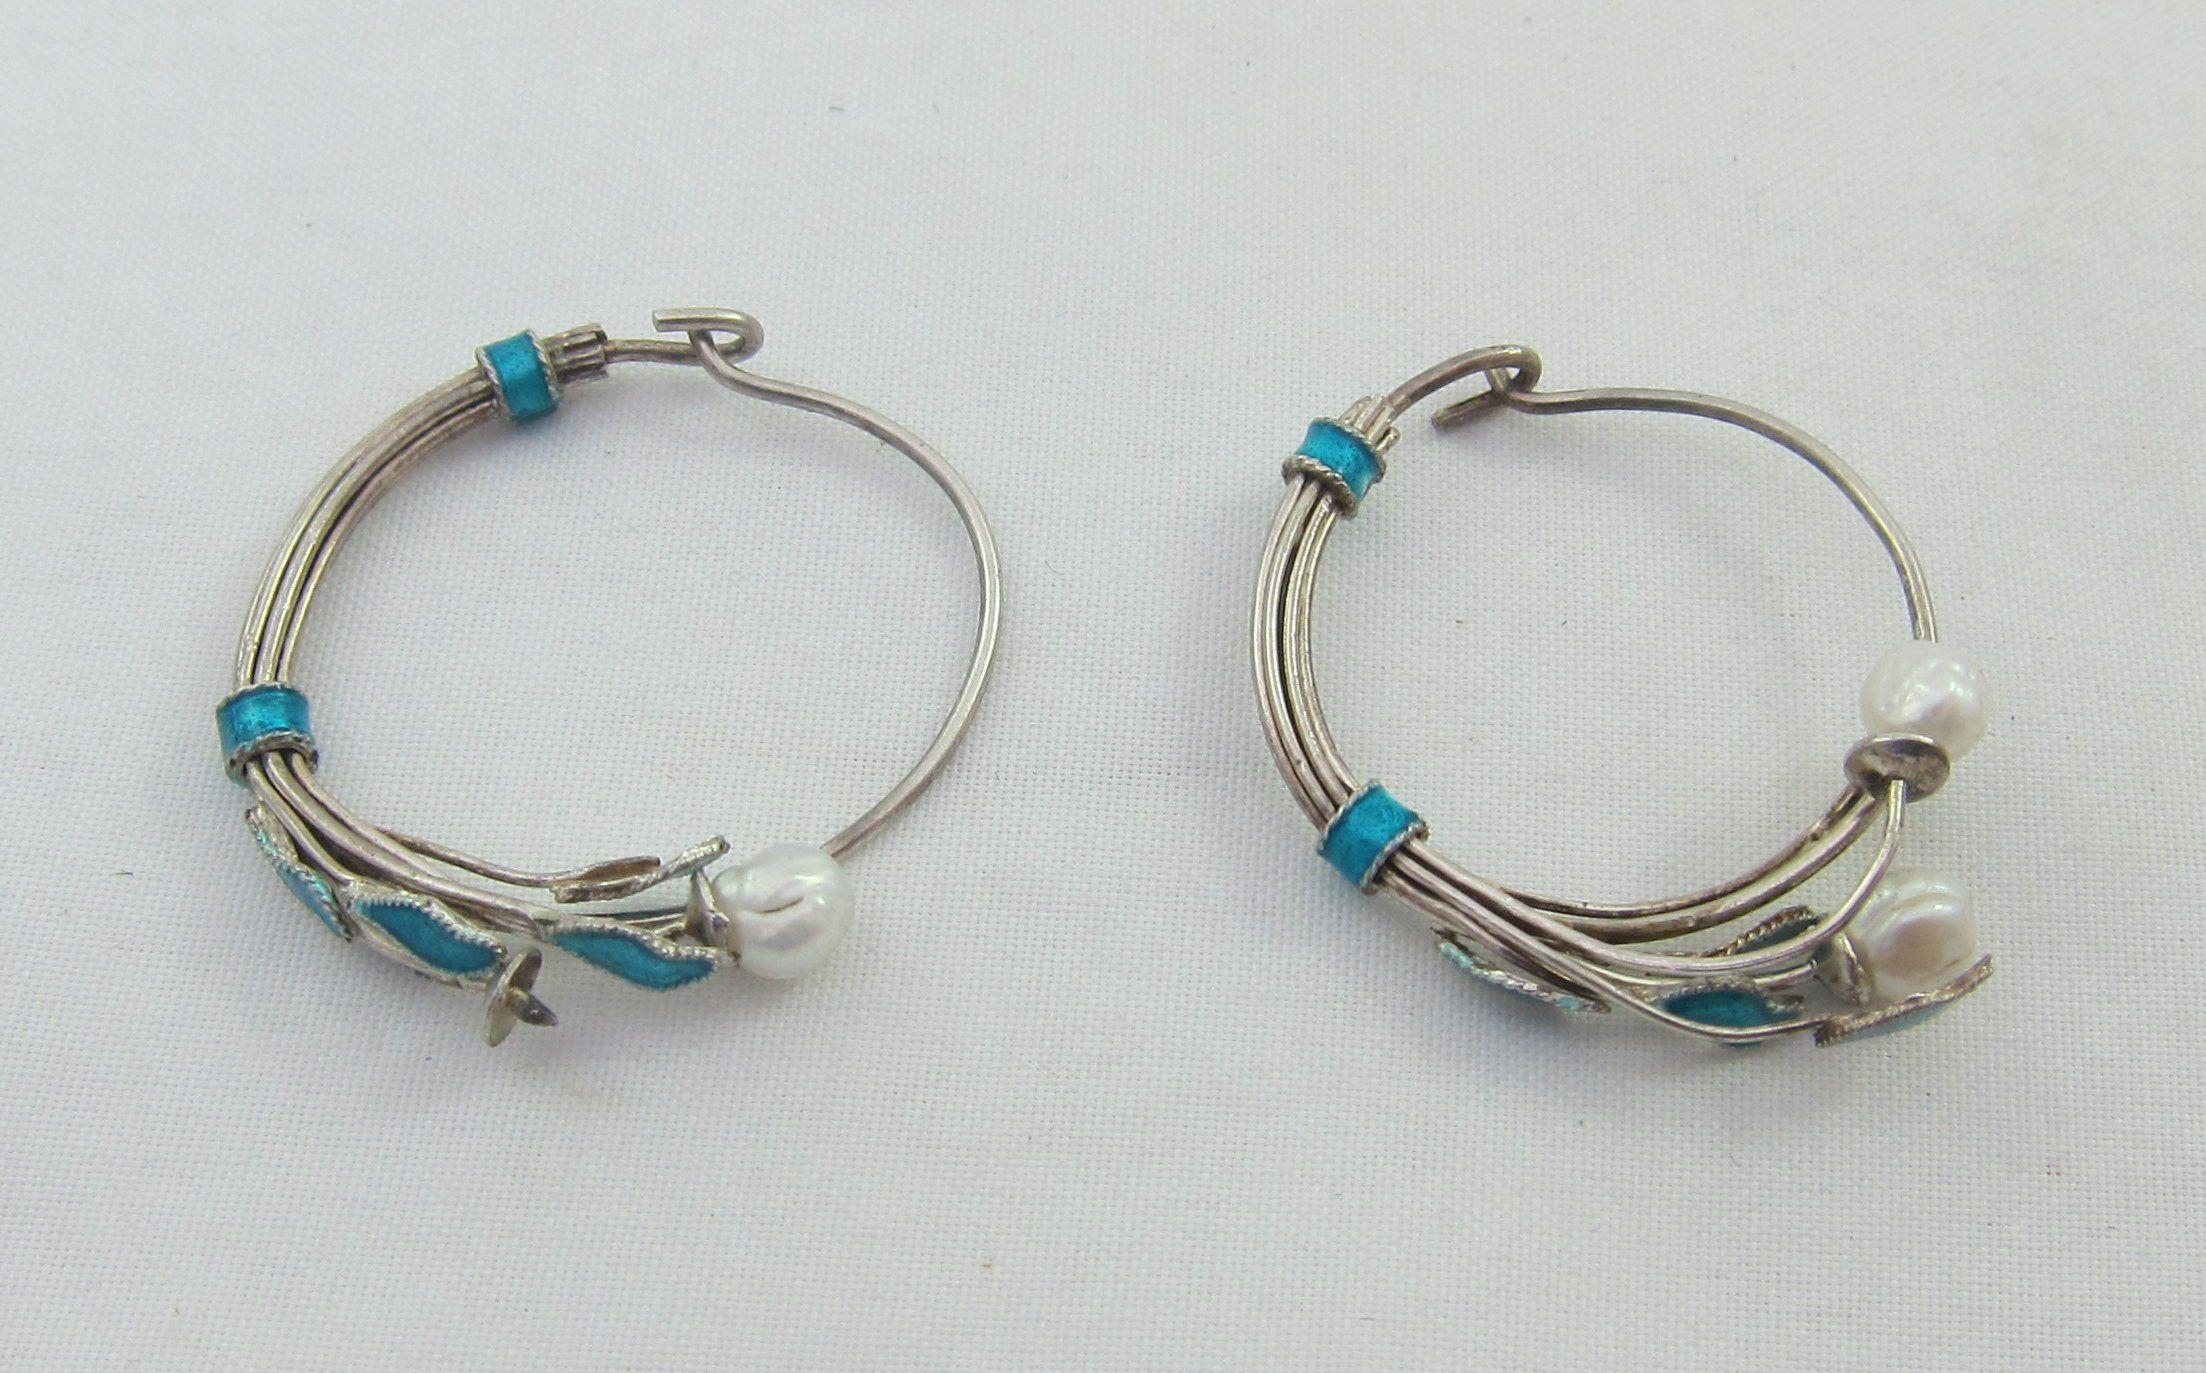 124ecf41f Delicate Sterling Silver Blue Enamel Cultured Pearls Floral Hoop Earrings -  as it is by Framarines on Etsy